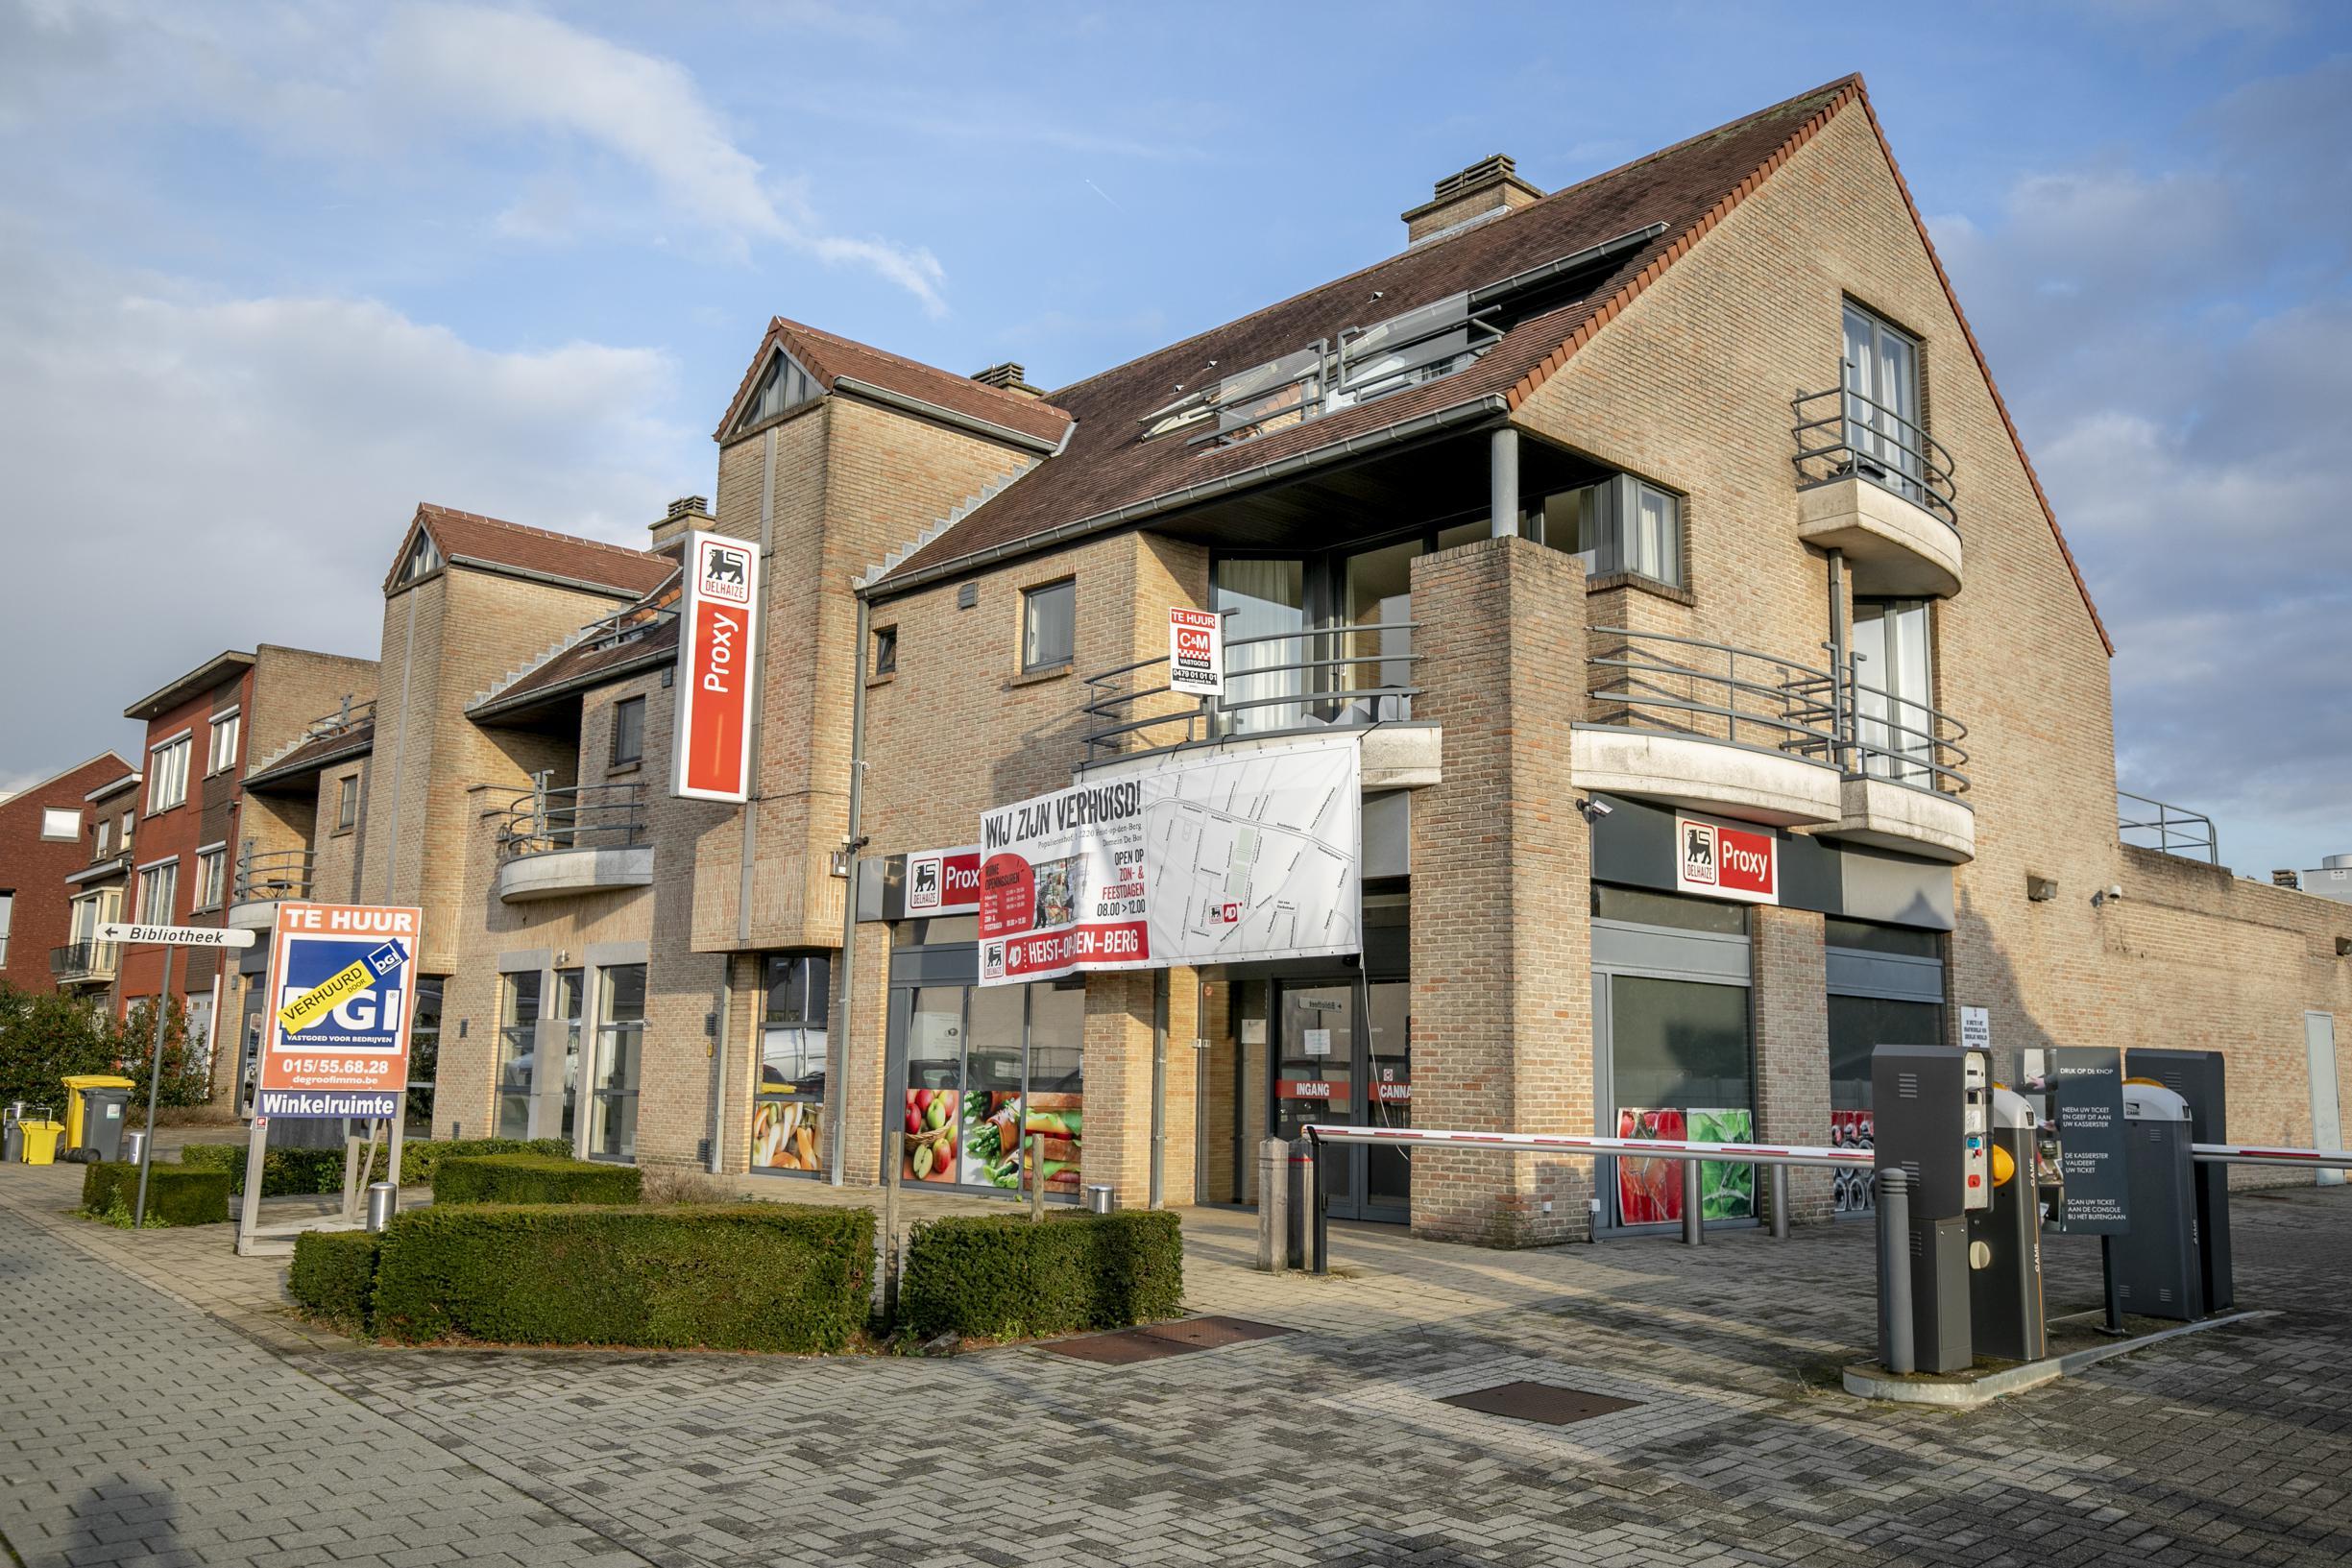 NRG opent negende fitnessfiliaal in oude Delhaize (Heist-op-den-Berg) - Het Nieuwsblad